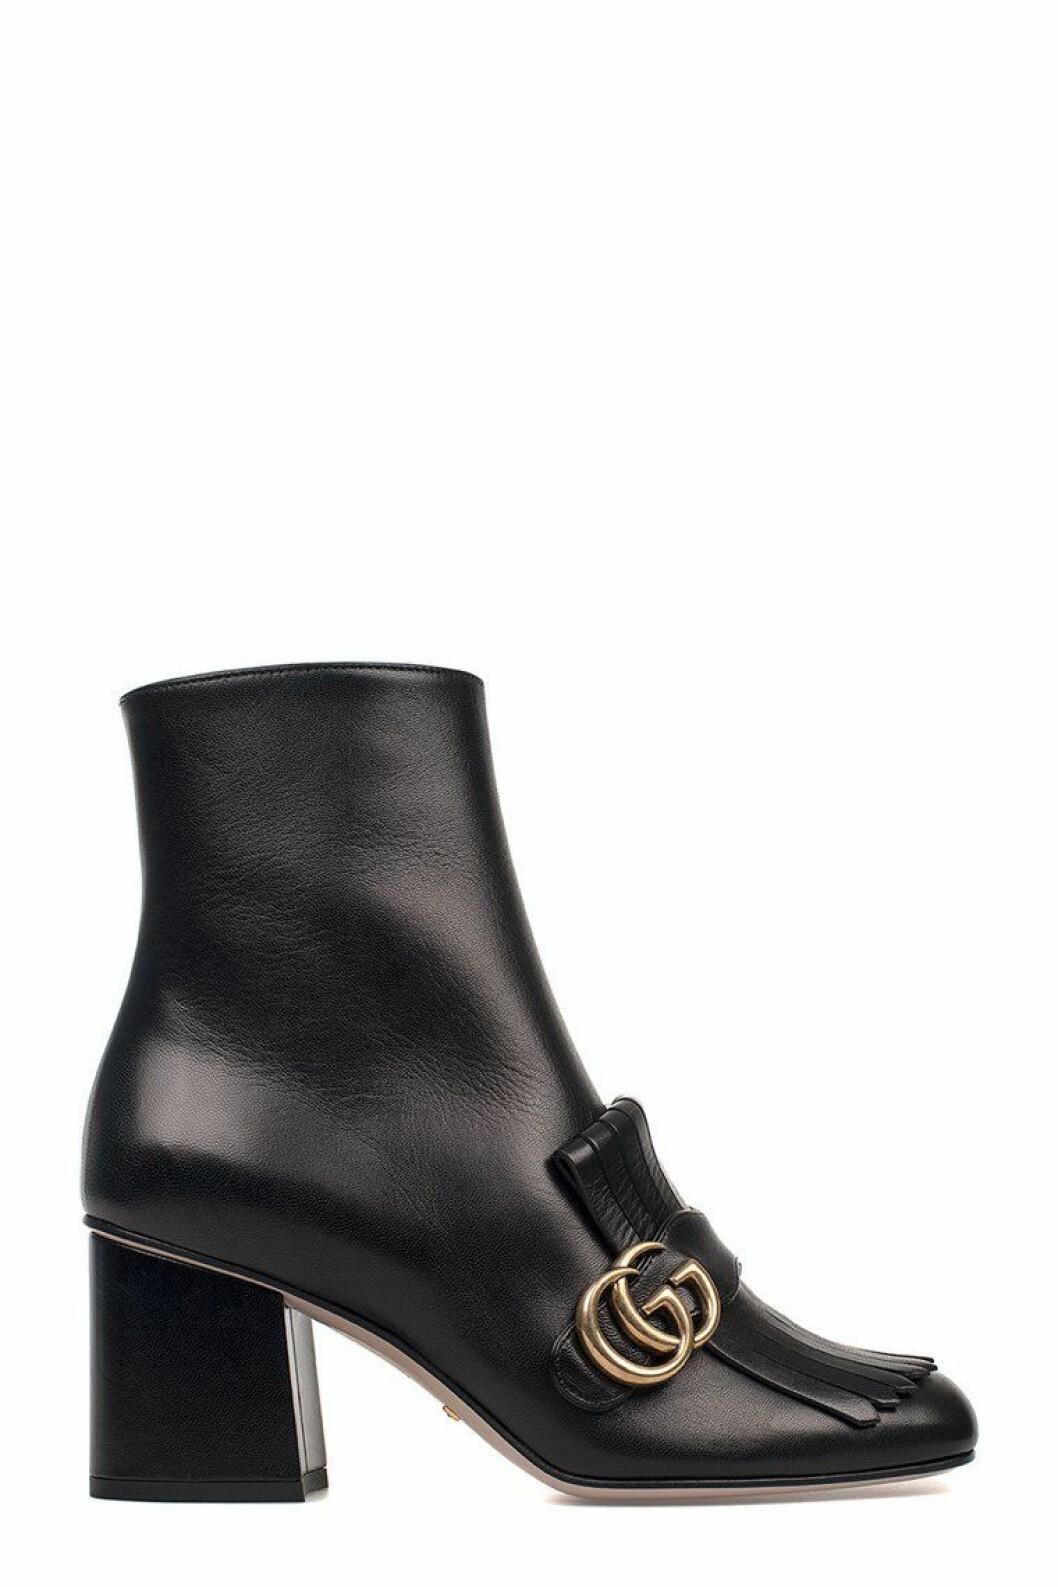 Gucci höga boots